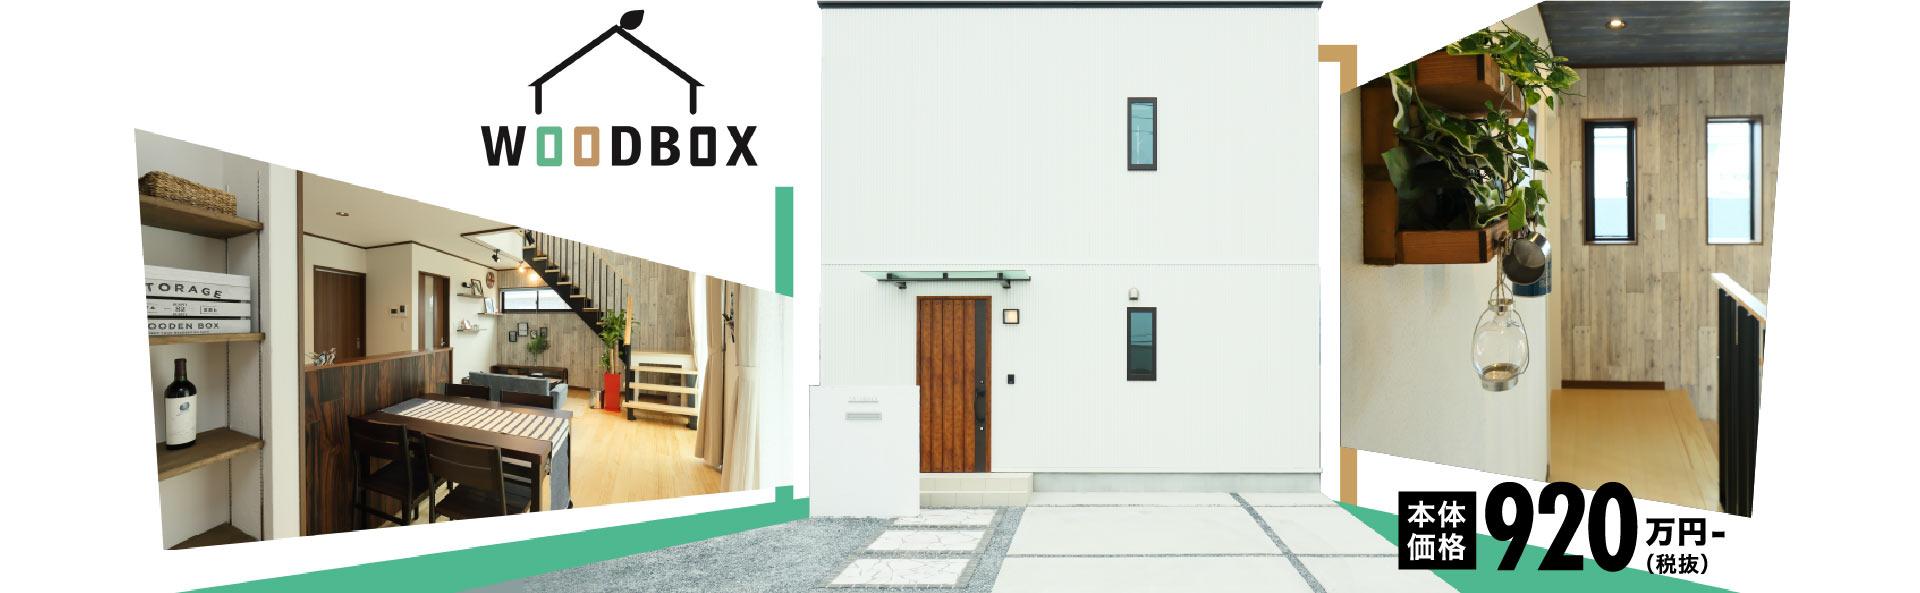 ローコストでも自然素材の家。こだわりマイホームなら「WOODBOX」